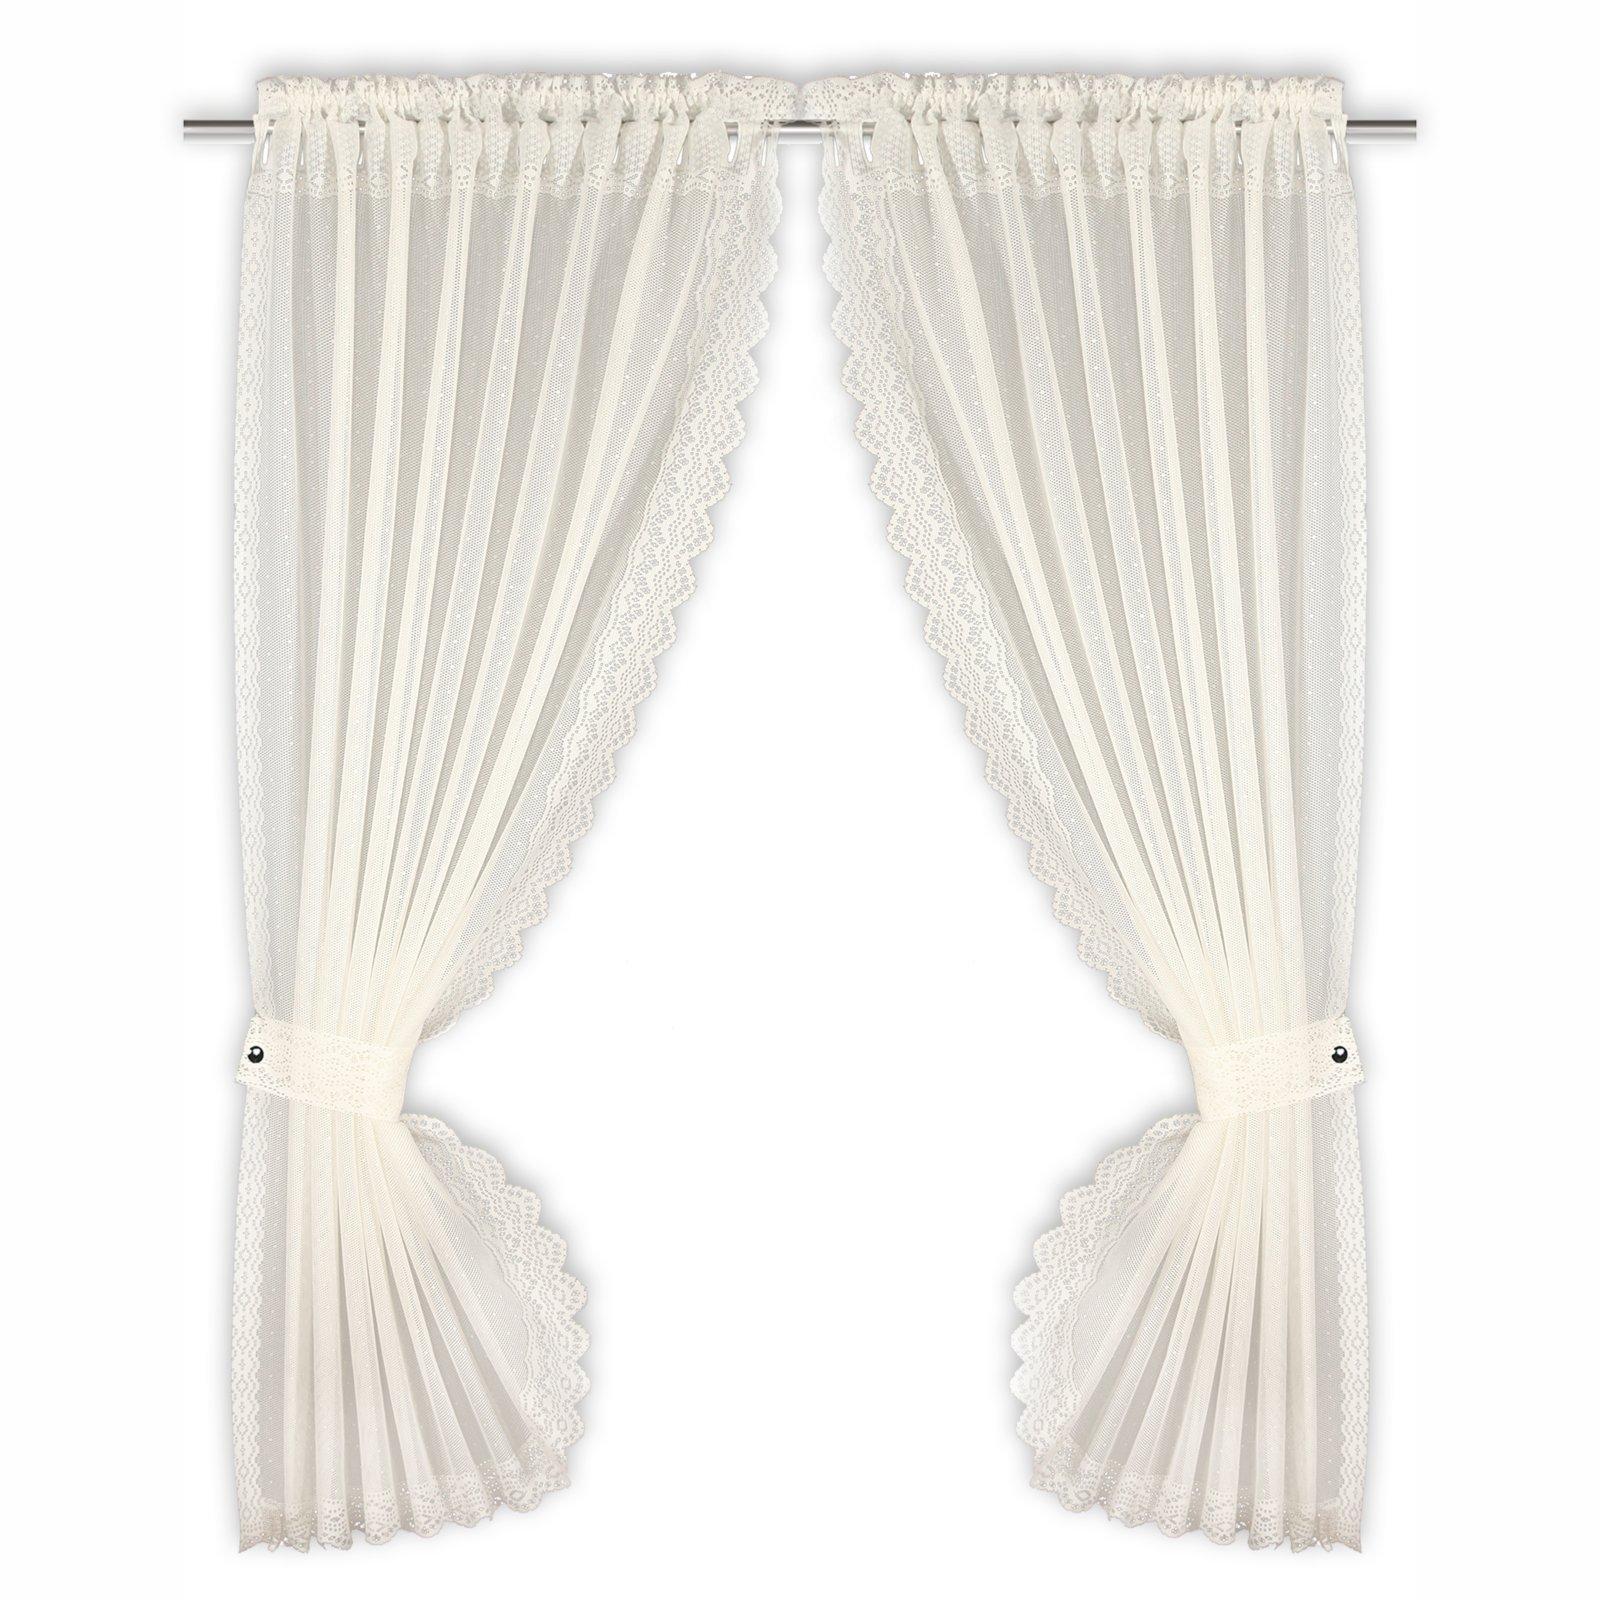 gardinen set elfenbein raffhalter 90x160 cm transparente gardinen gardinen vorh nge. Black Bedroom Furniture Sets. Home Design Ideas